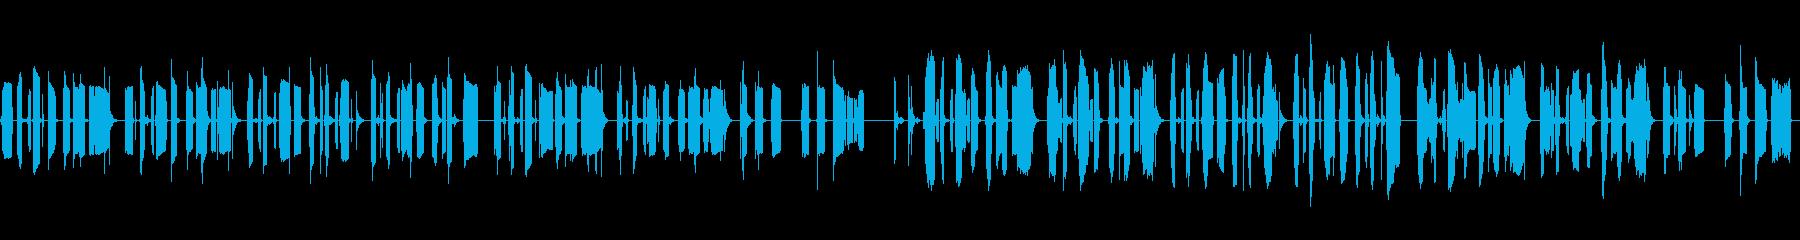 KANTほのぼのBGM200604の再生済みの波形